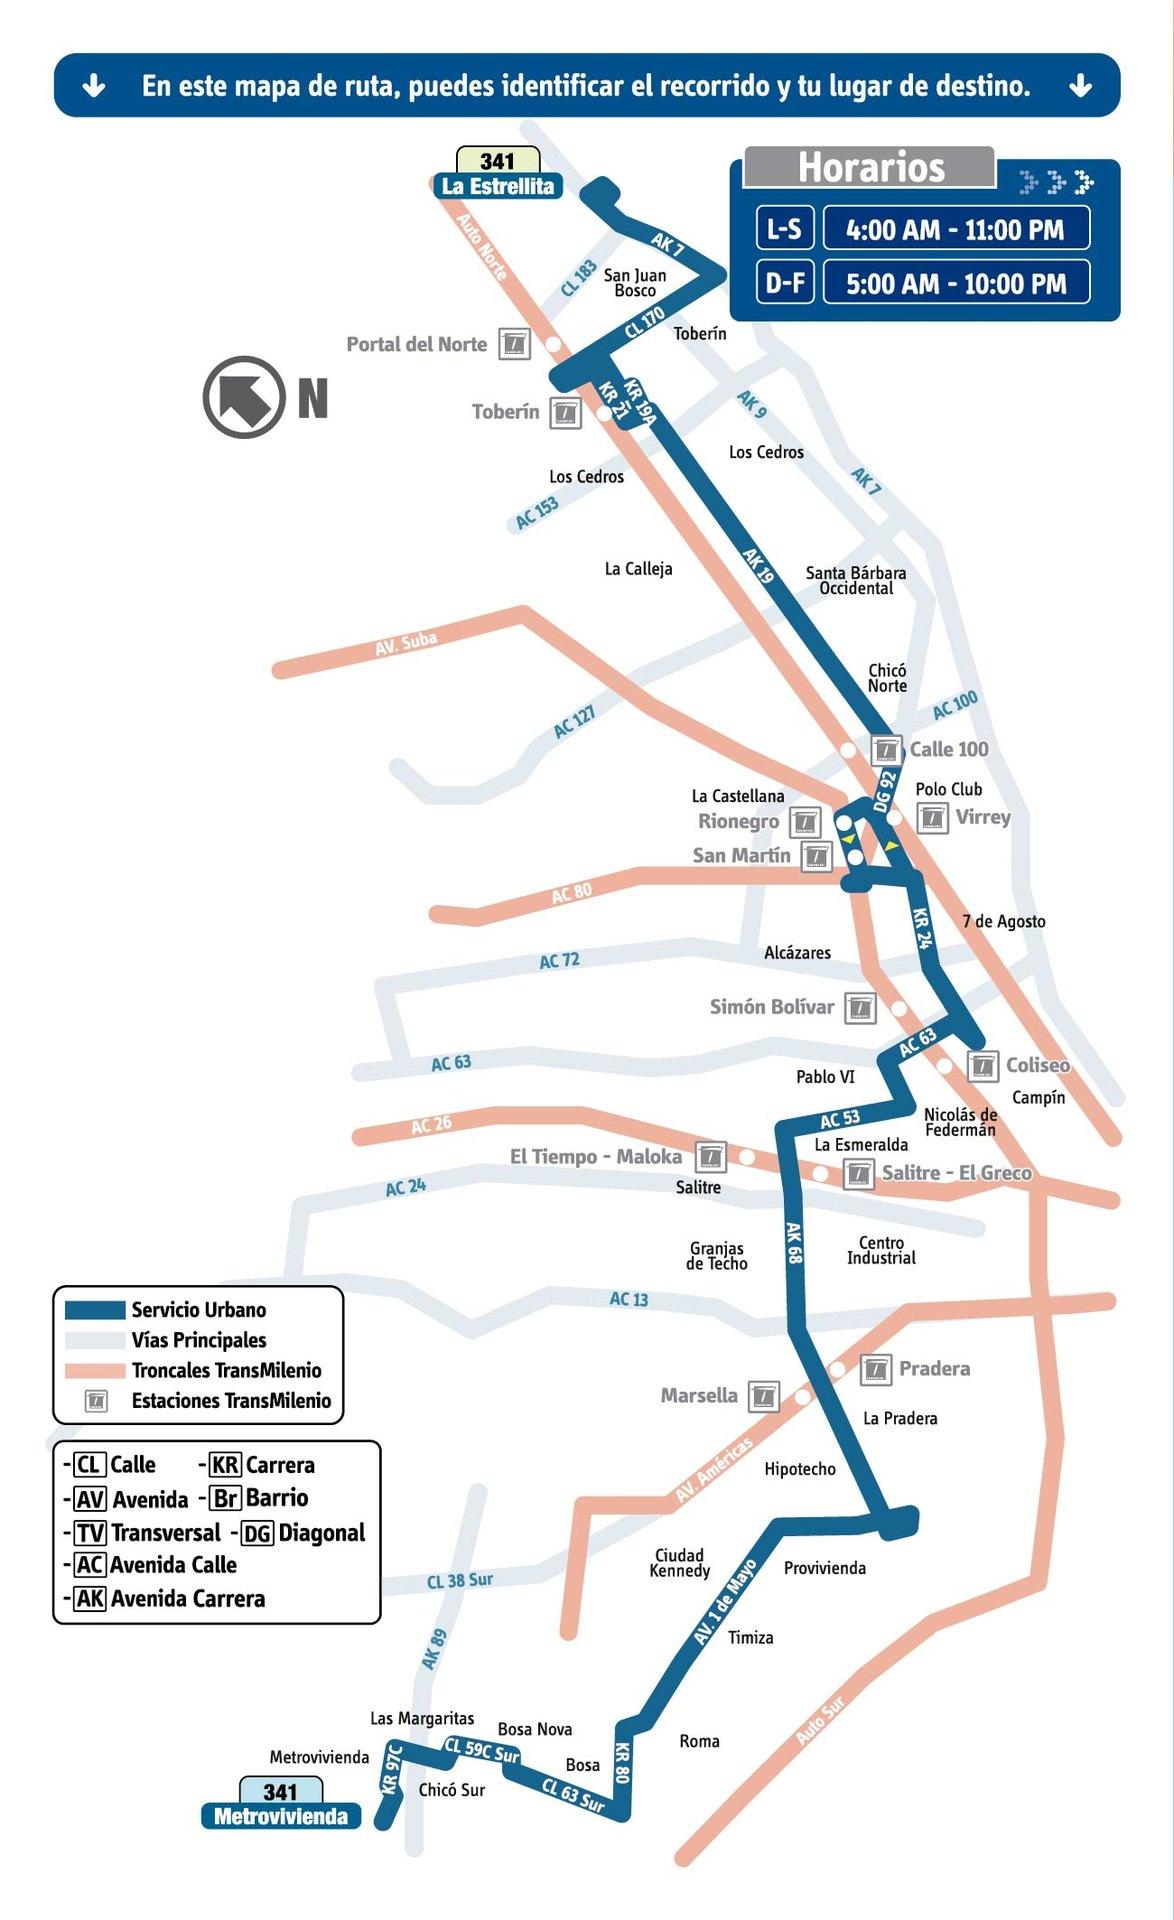 Ruta SITP: 341 Metrovivienda ↔ La Estrellita [Urbana] 3